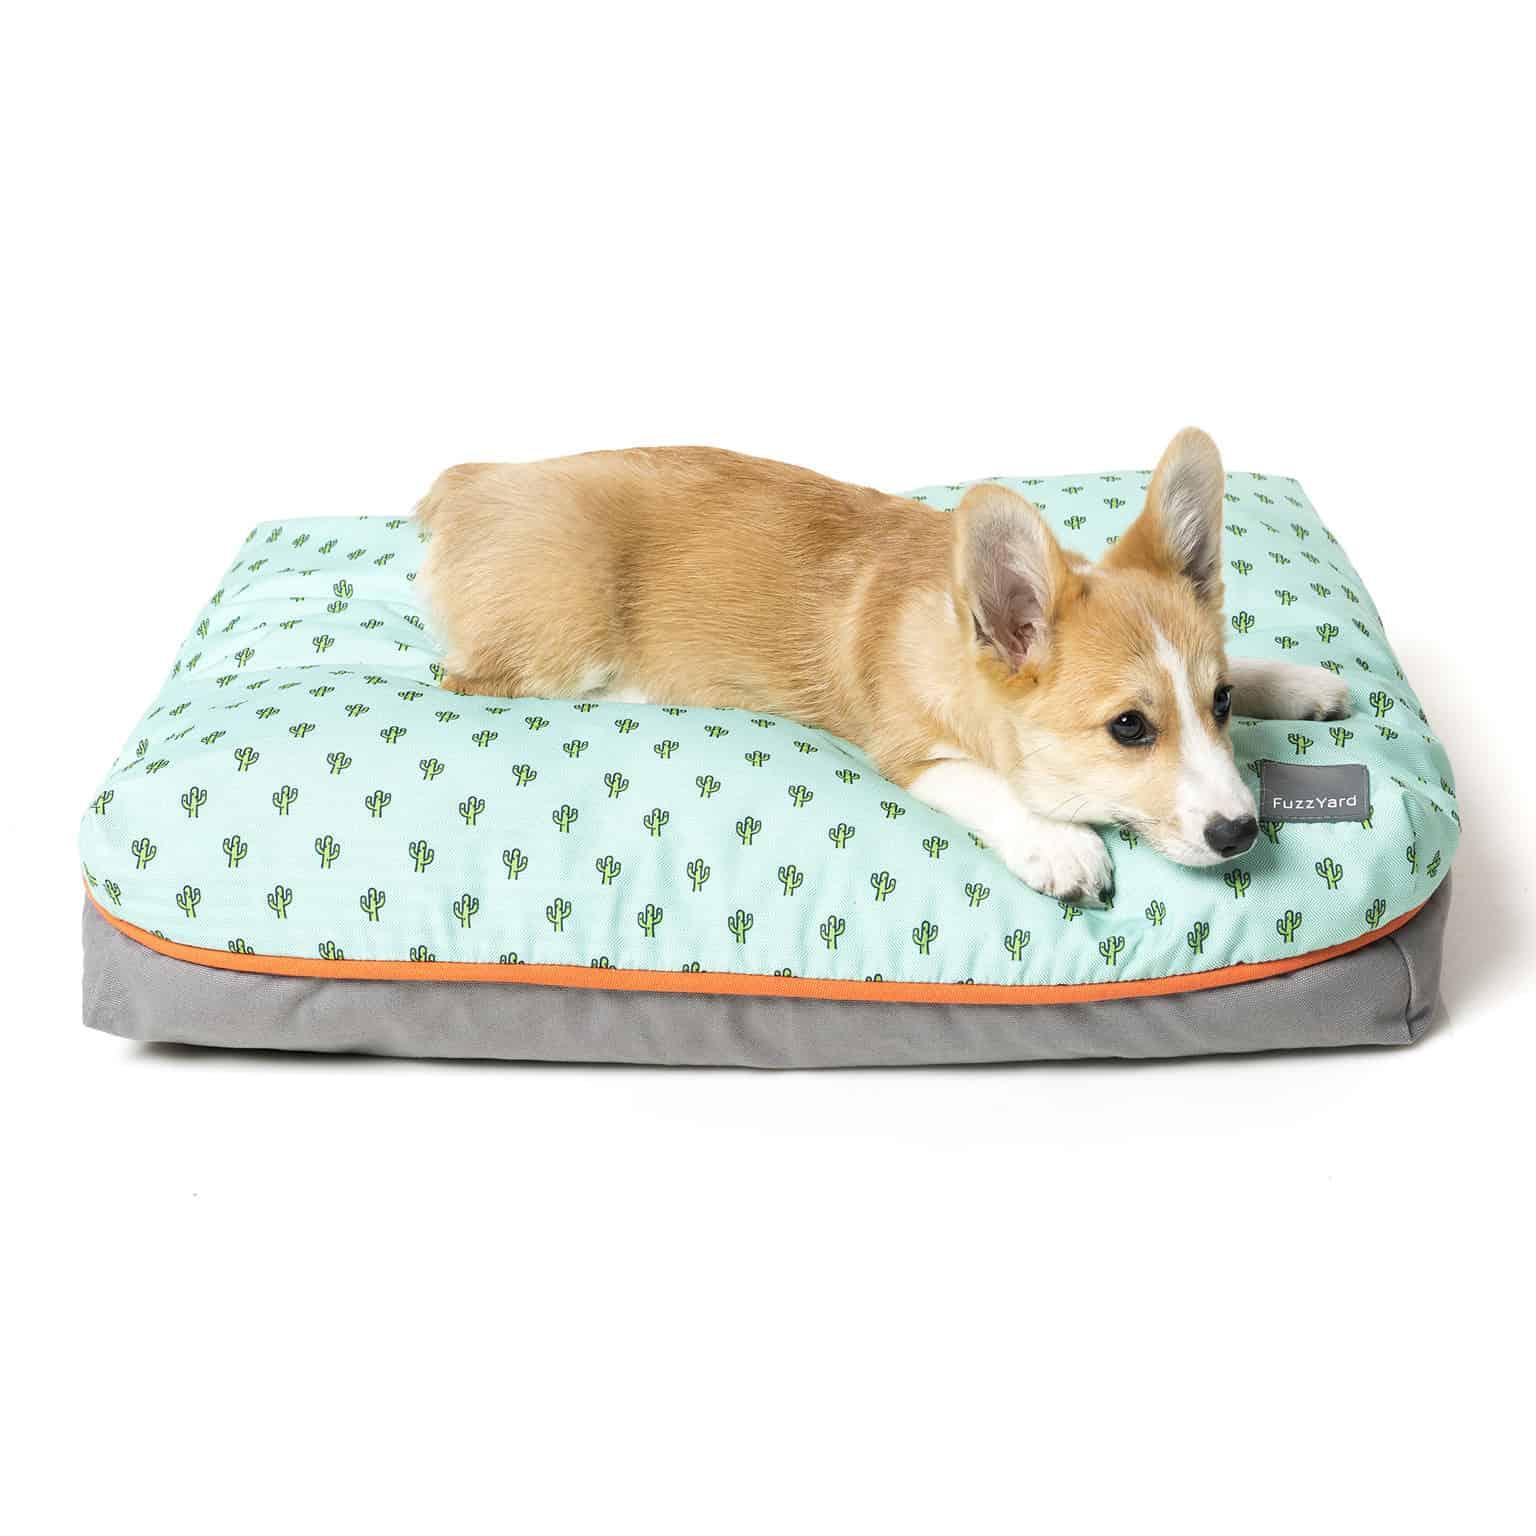 Fuzzyard Pillow Bed - Tucson